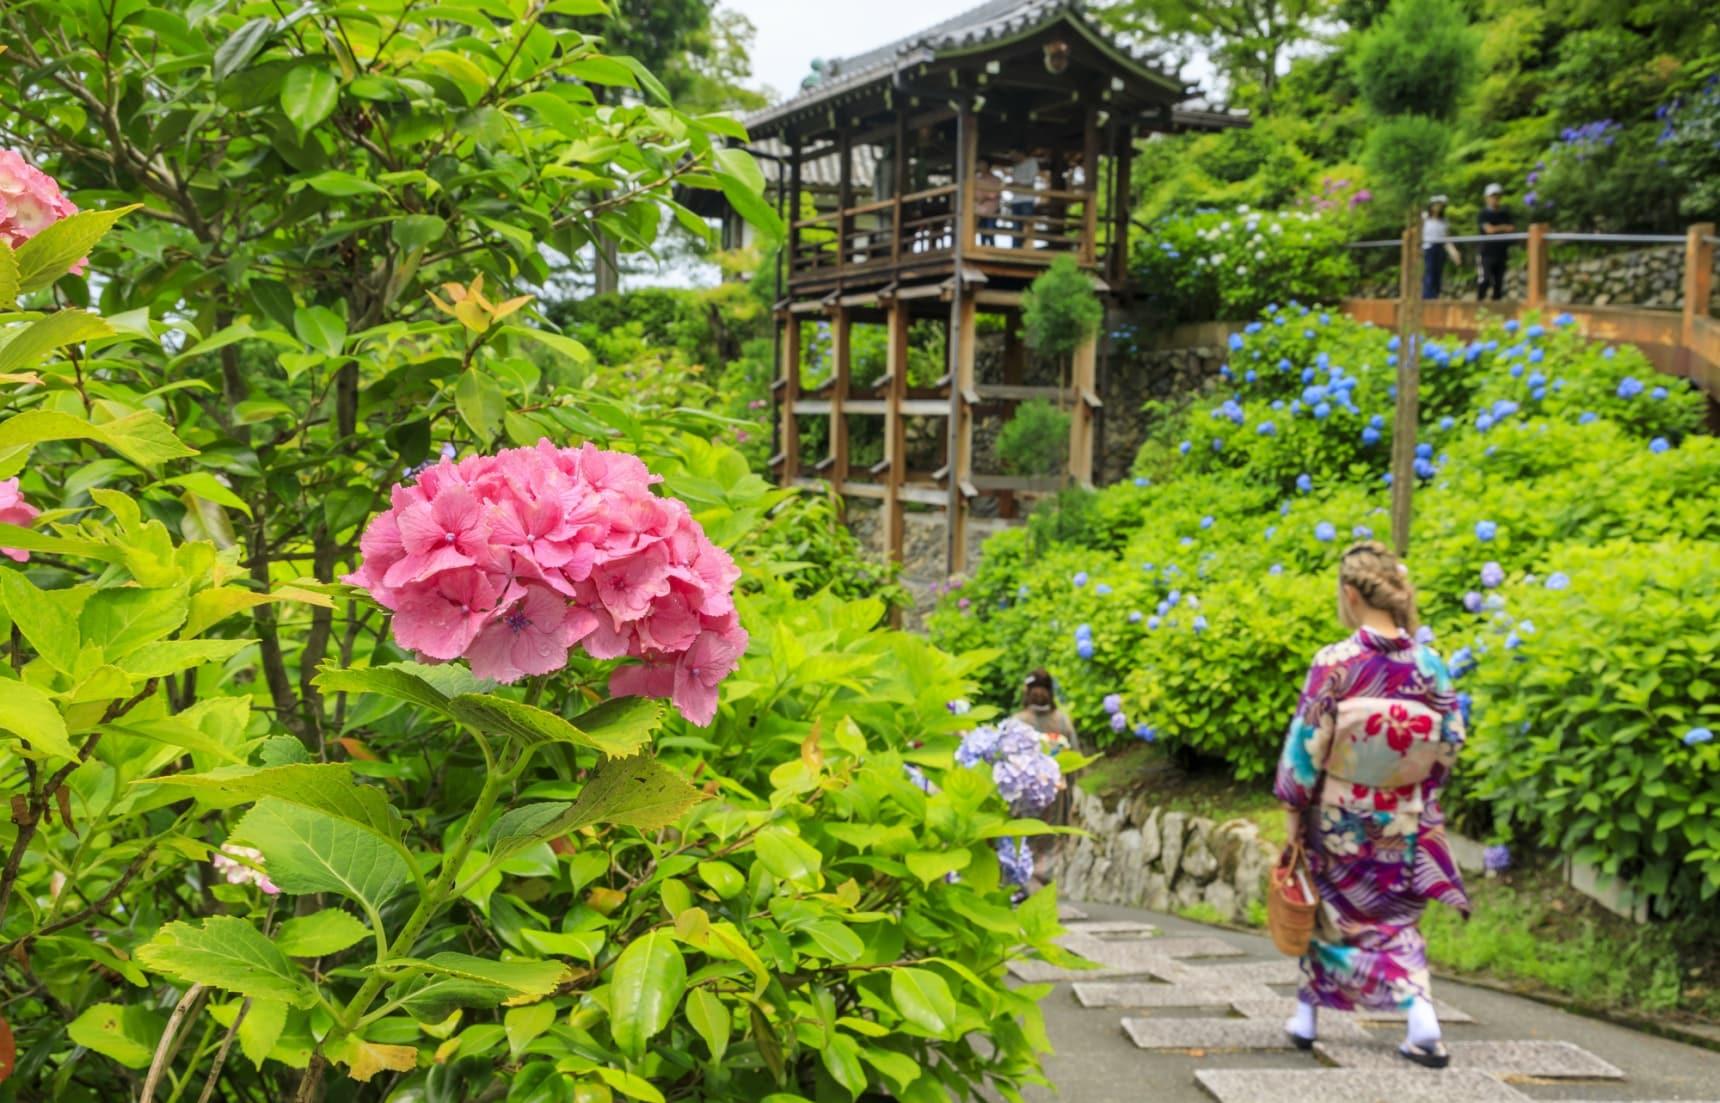 紫陽花開!漫步日本各地遇見初夏好風光